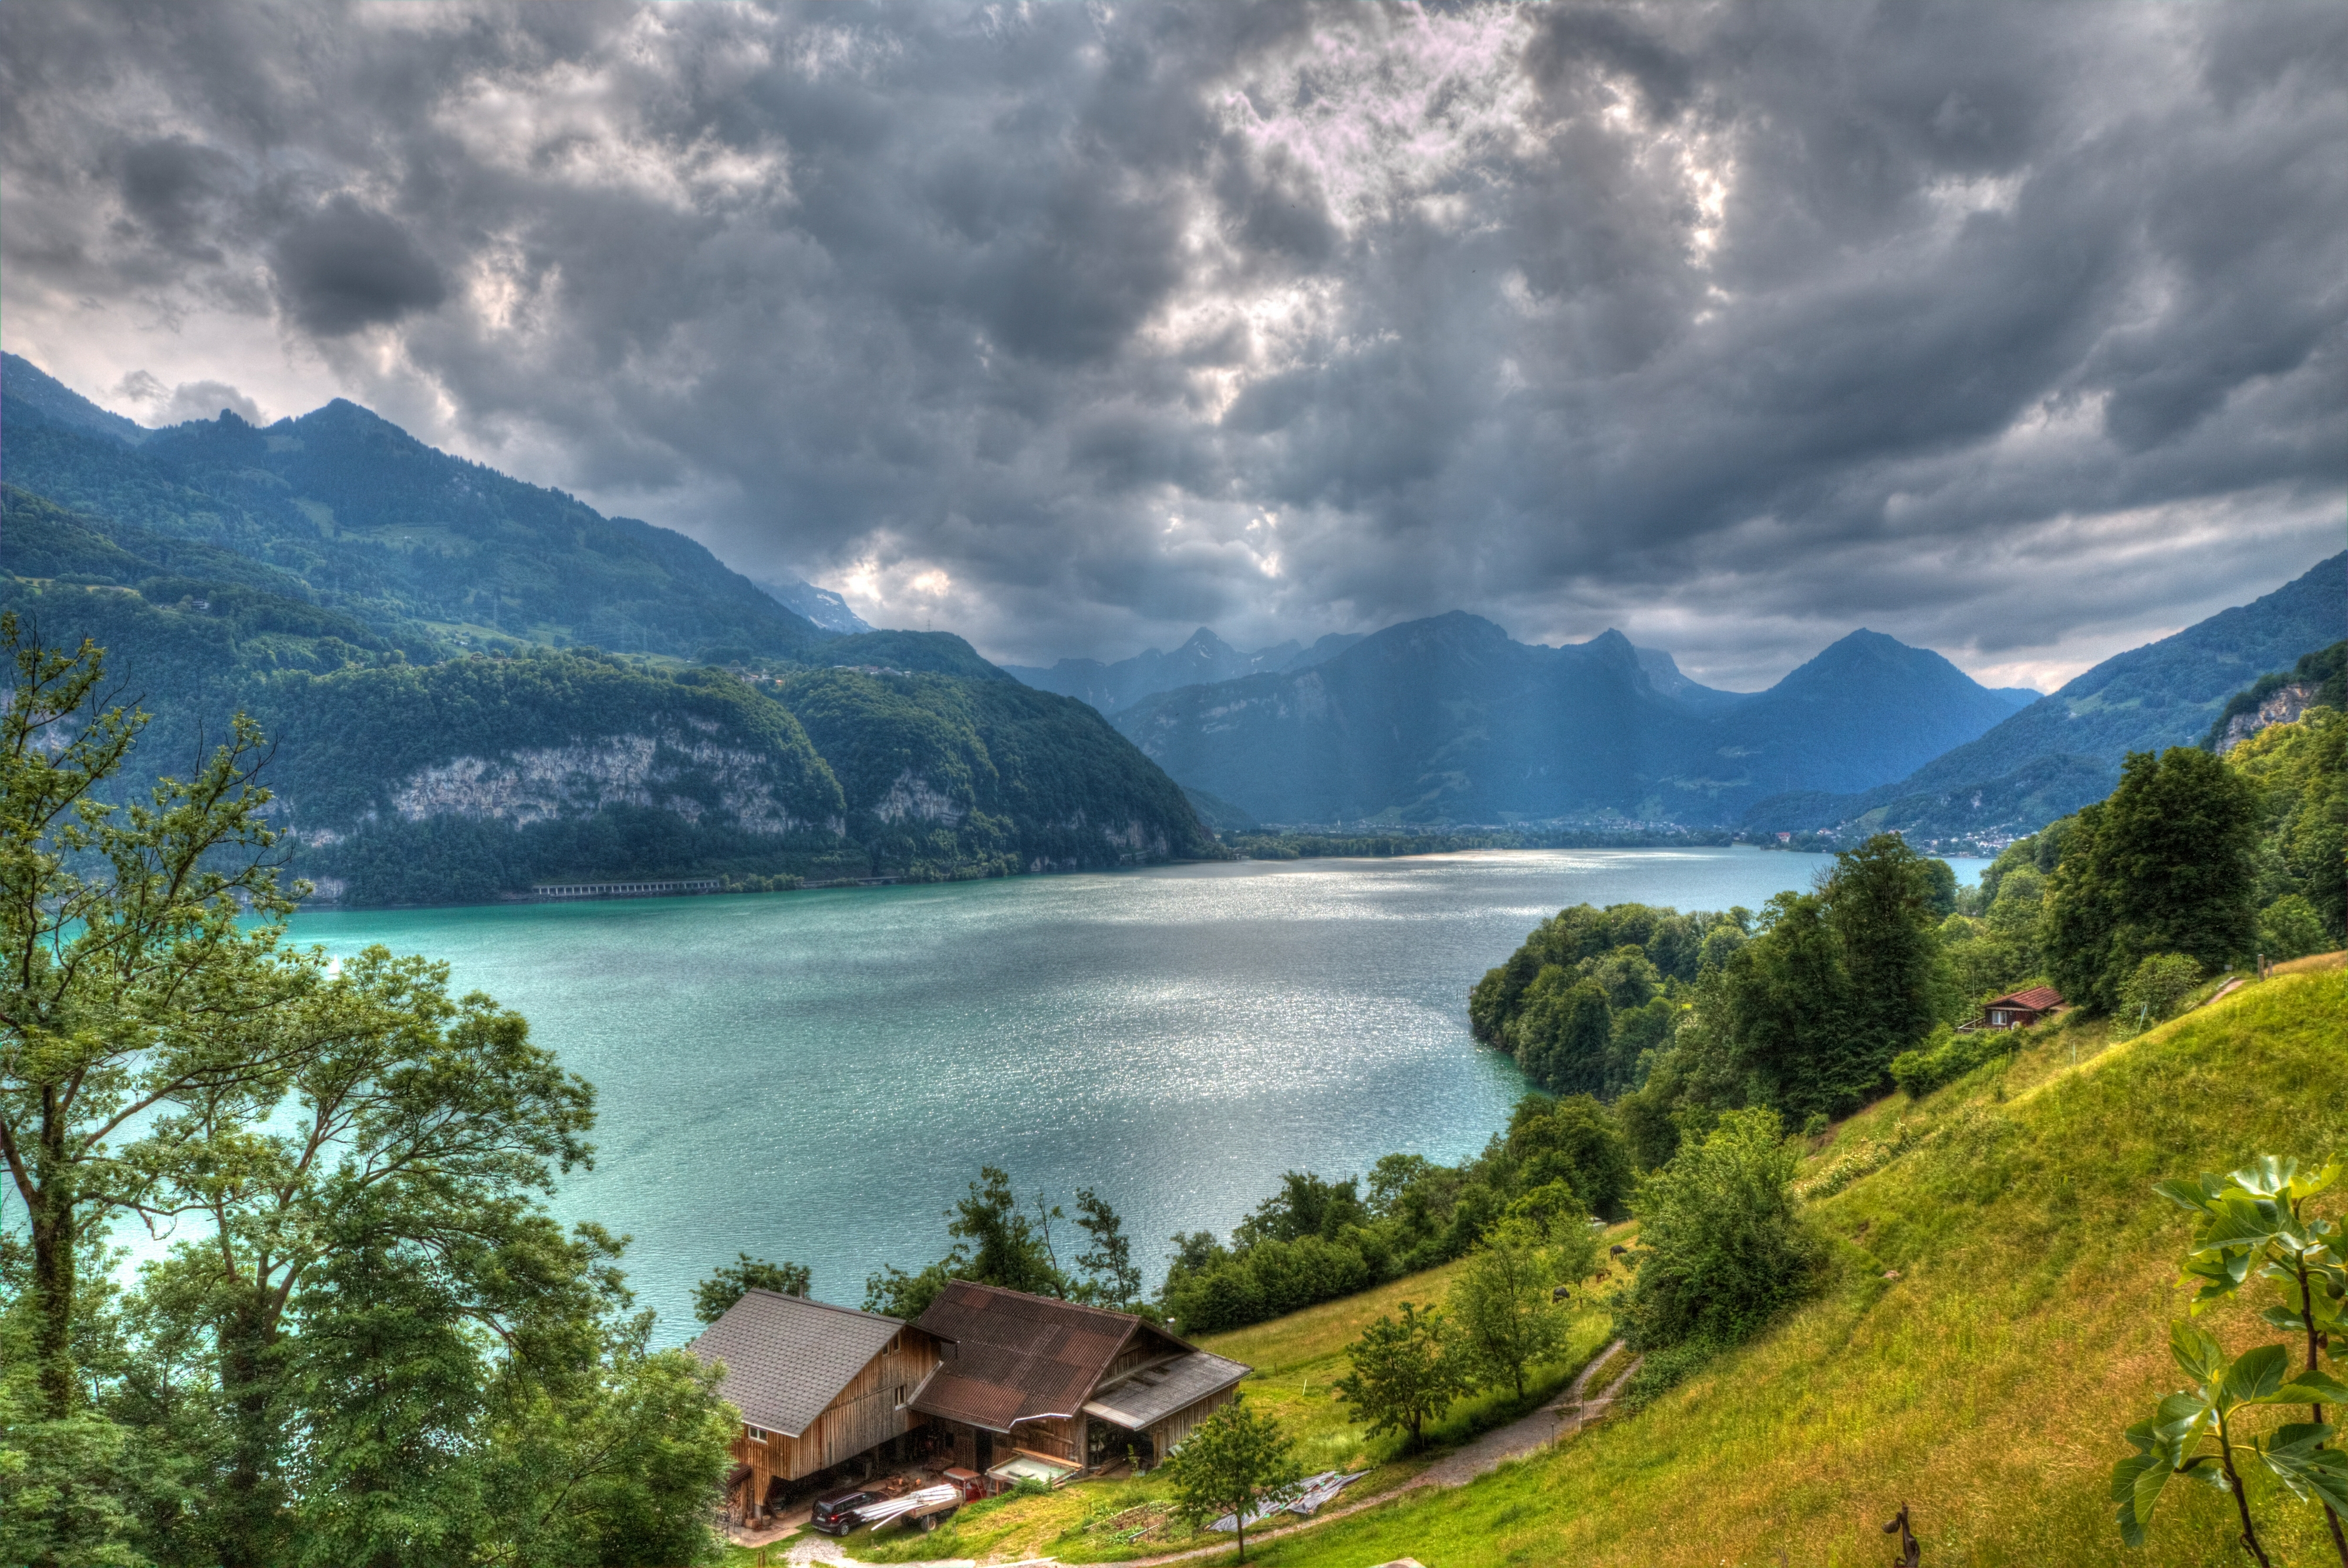 79942 скачать обои Вид Сверху, Швейцария, Природа, Альпы, Hdr, Озеро Валензее - заставки и картинки бесплатно